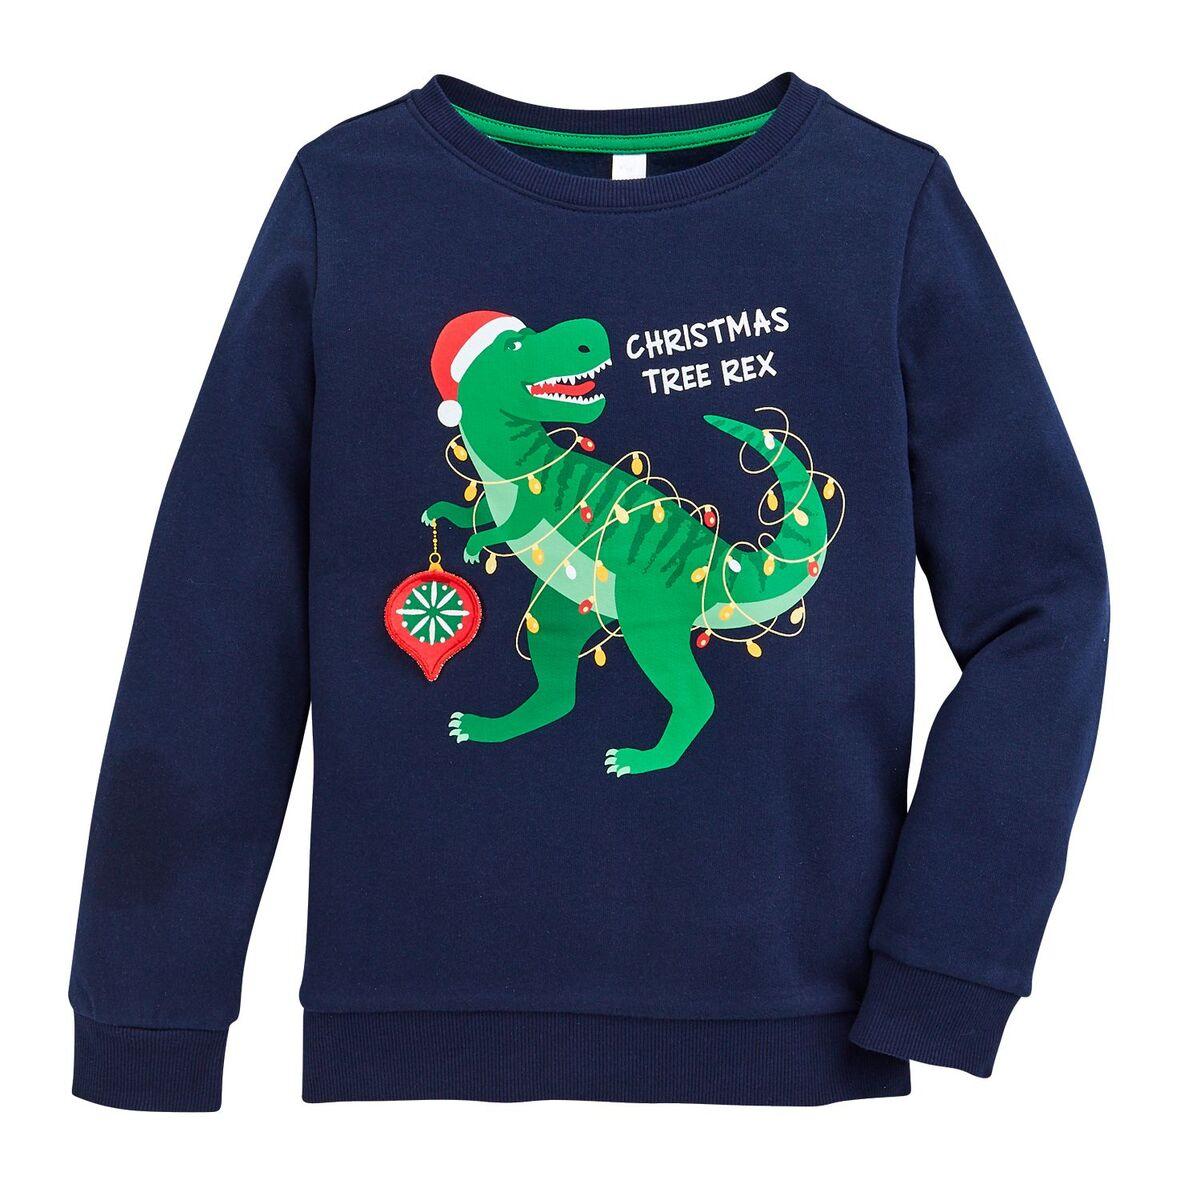 Bild 1 von alive®  Weihnachts-Sweatshirt